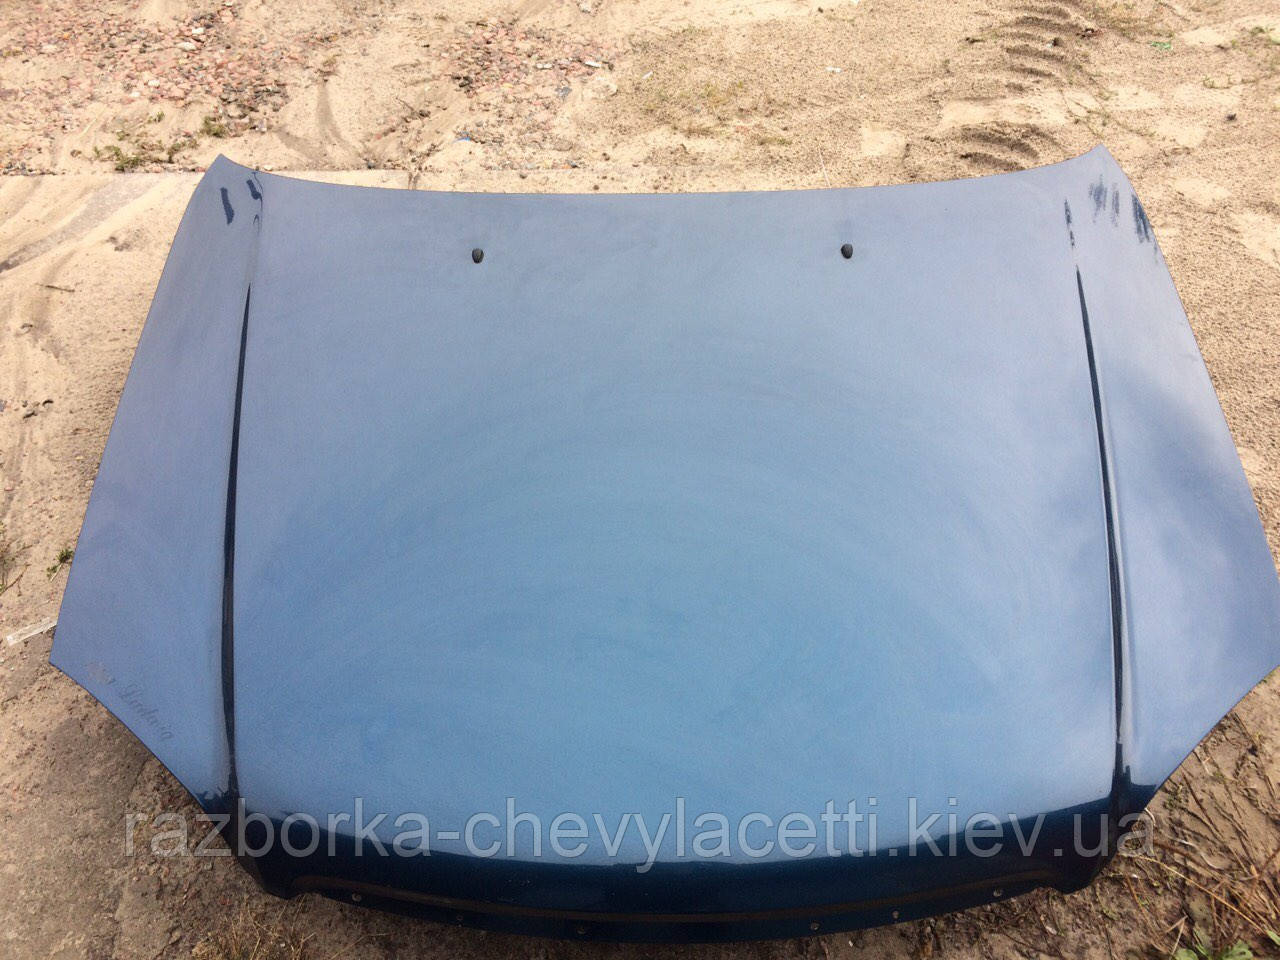 Капот седан/ универсал Chevrolet Lacetti 96476549